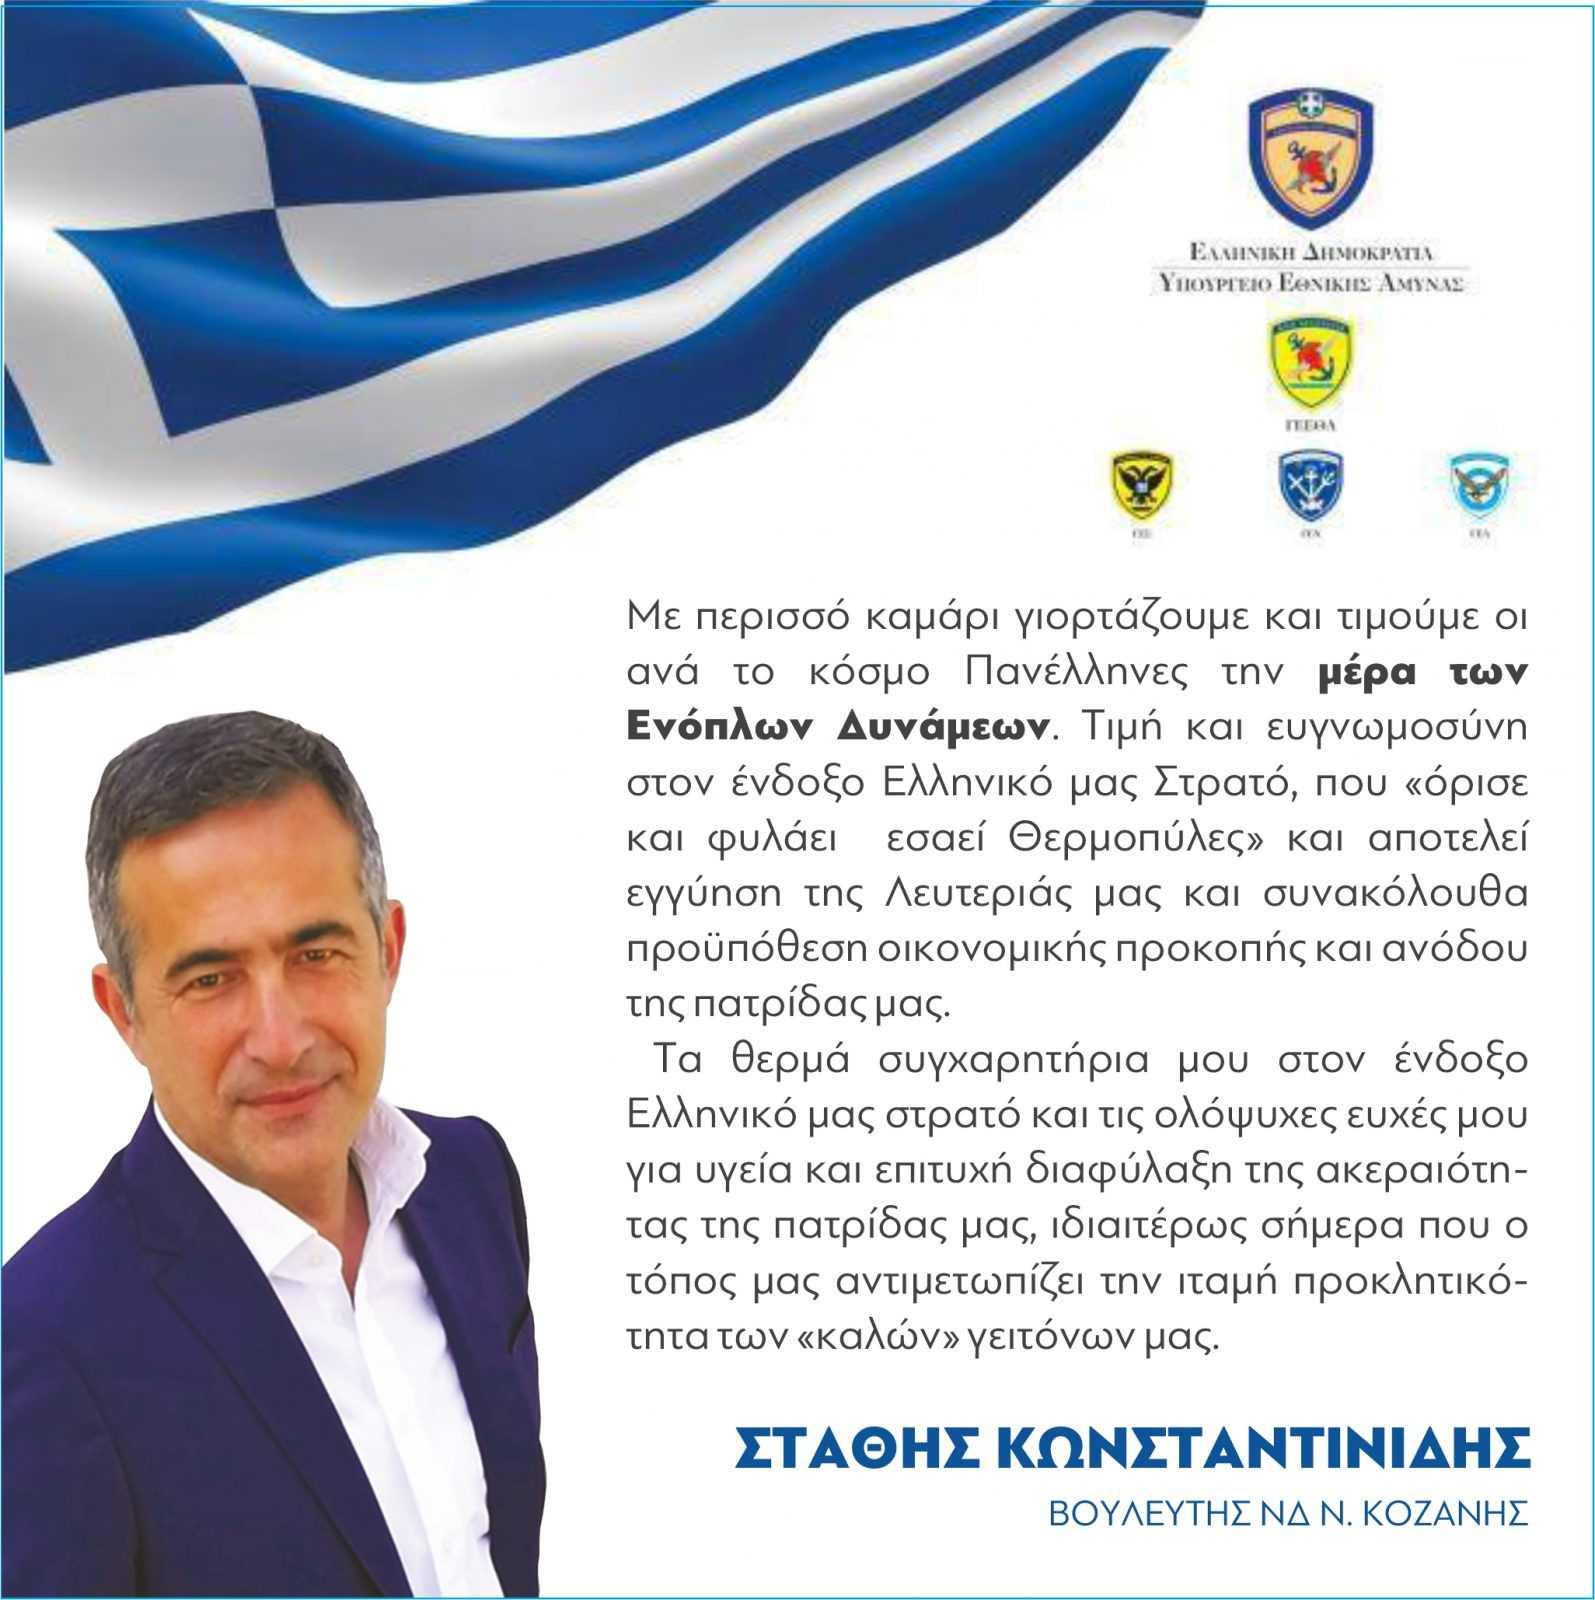 Μήνυμα του Βουλευτής ΝΔ Π.Ε. Κοζάνης κ. Στάθη Κωνσταντινίδη  για την 21η Νοεμβρίου 2019, ημέρα των Ενόπλων Δυνάμεων